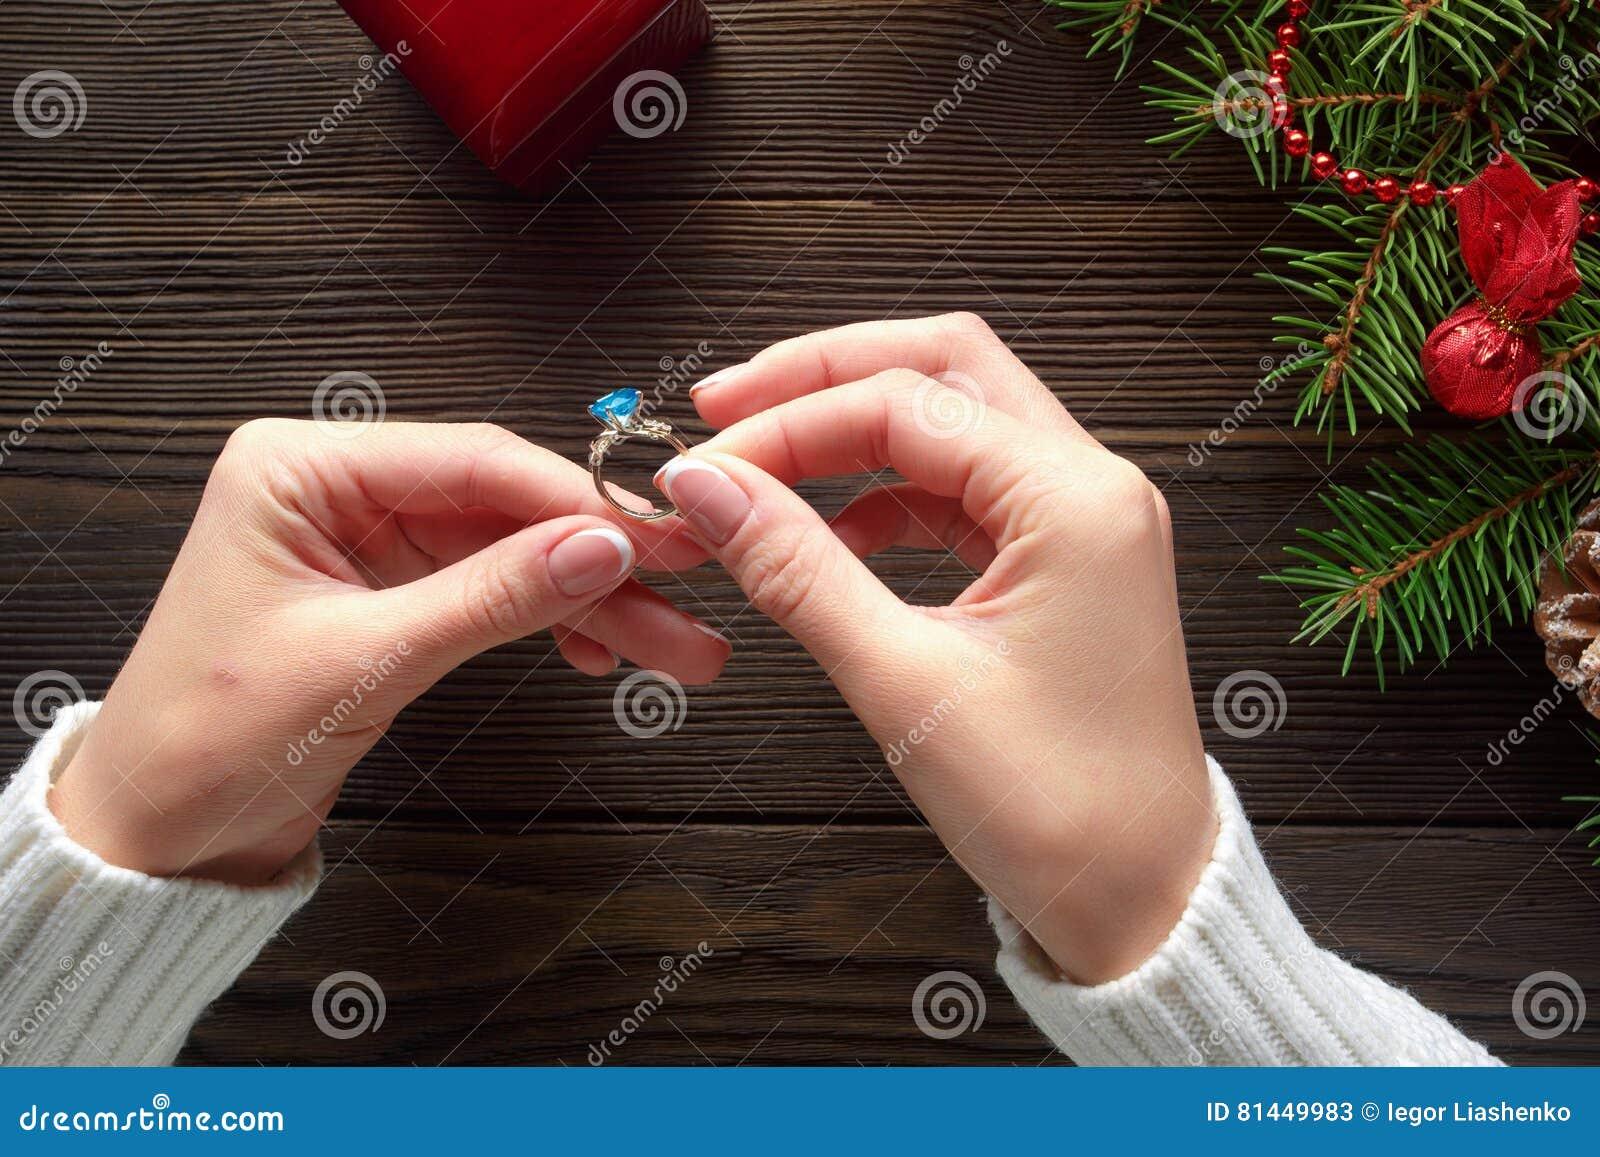 Verlobungsring In Den Weiblichen Handen Unter Weihnachtsdekorationen